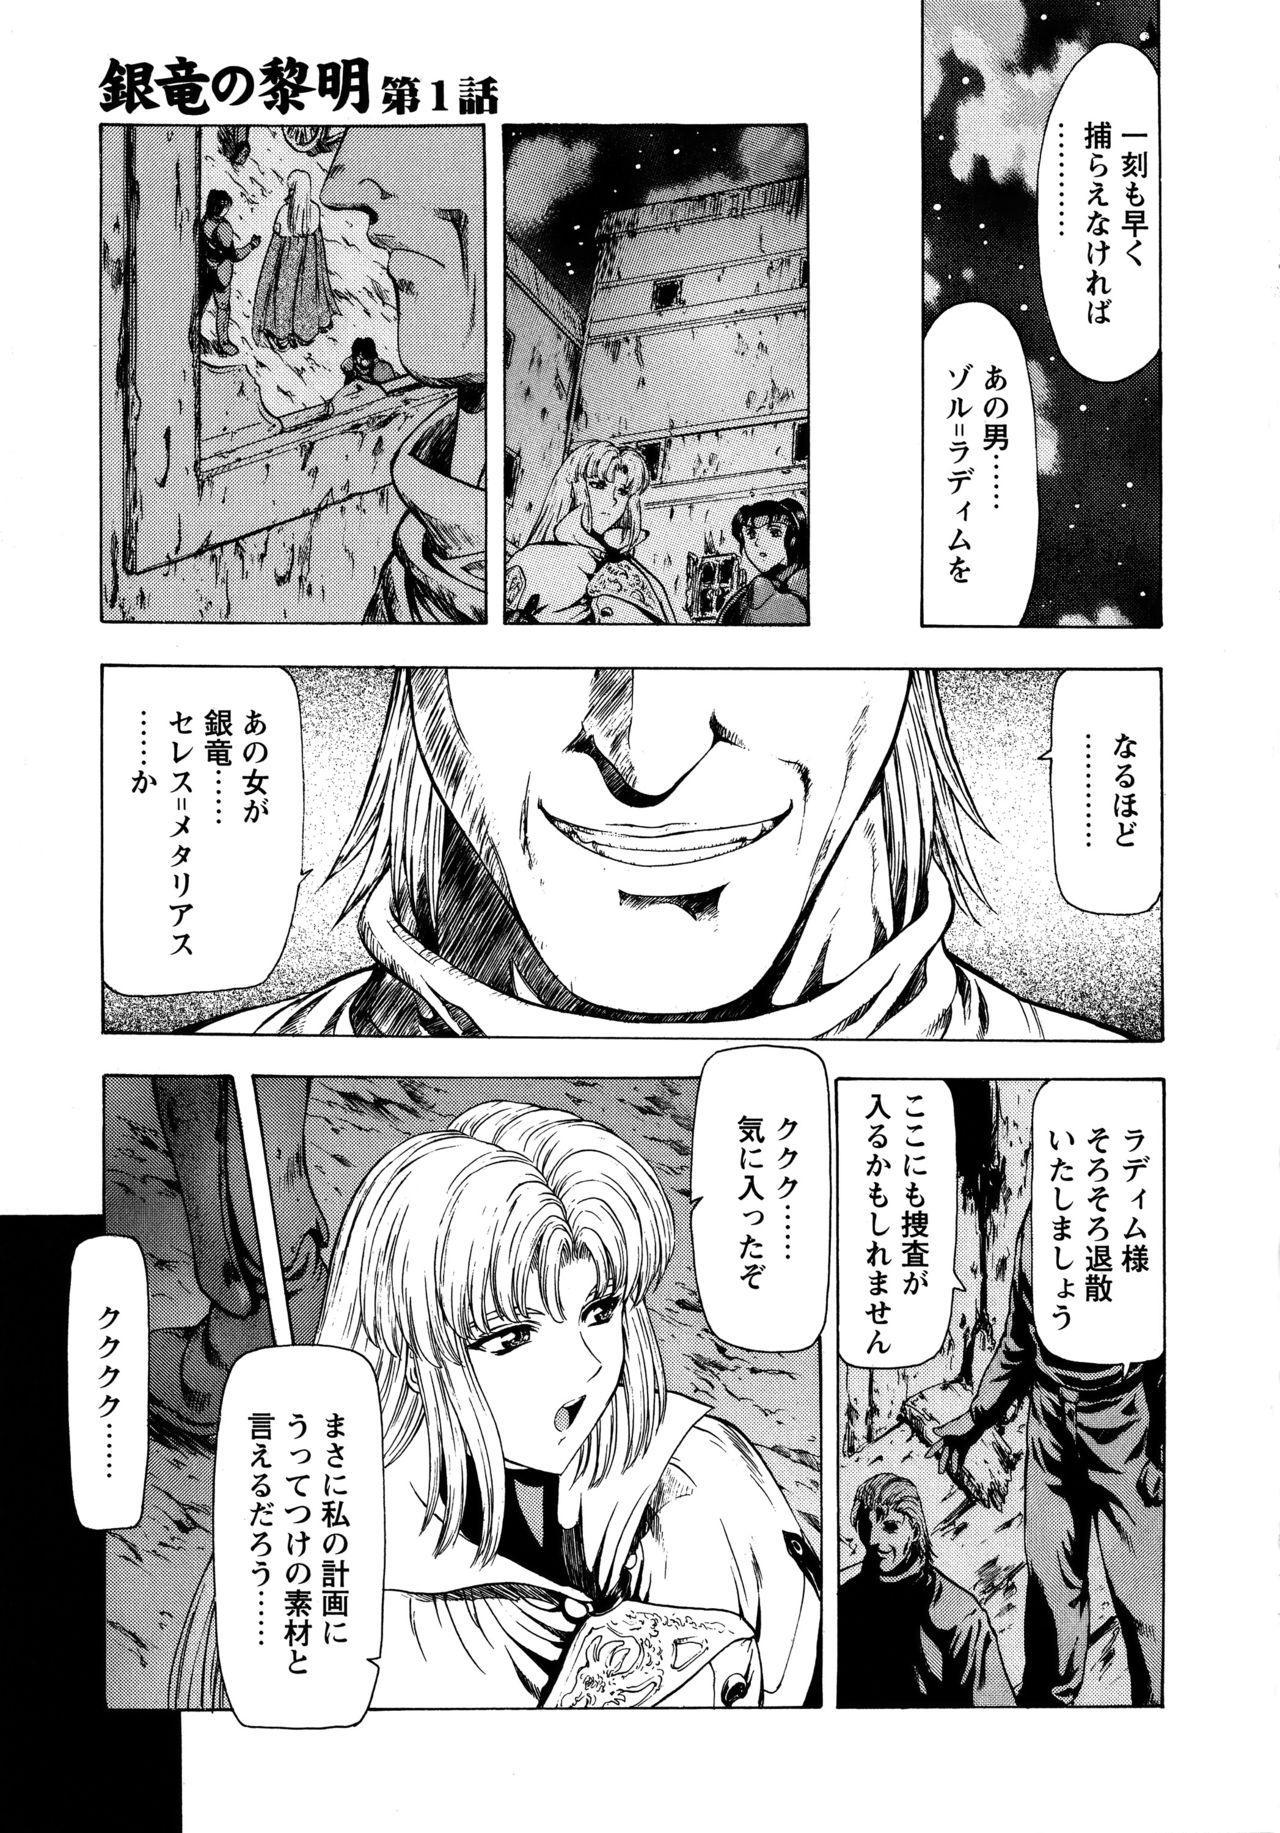 Ginryuu no Reimei Vol. 1 18